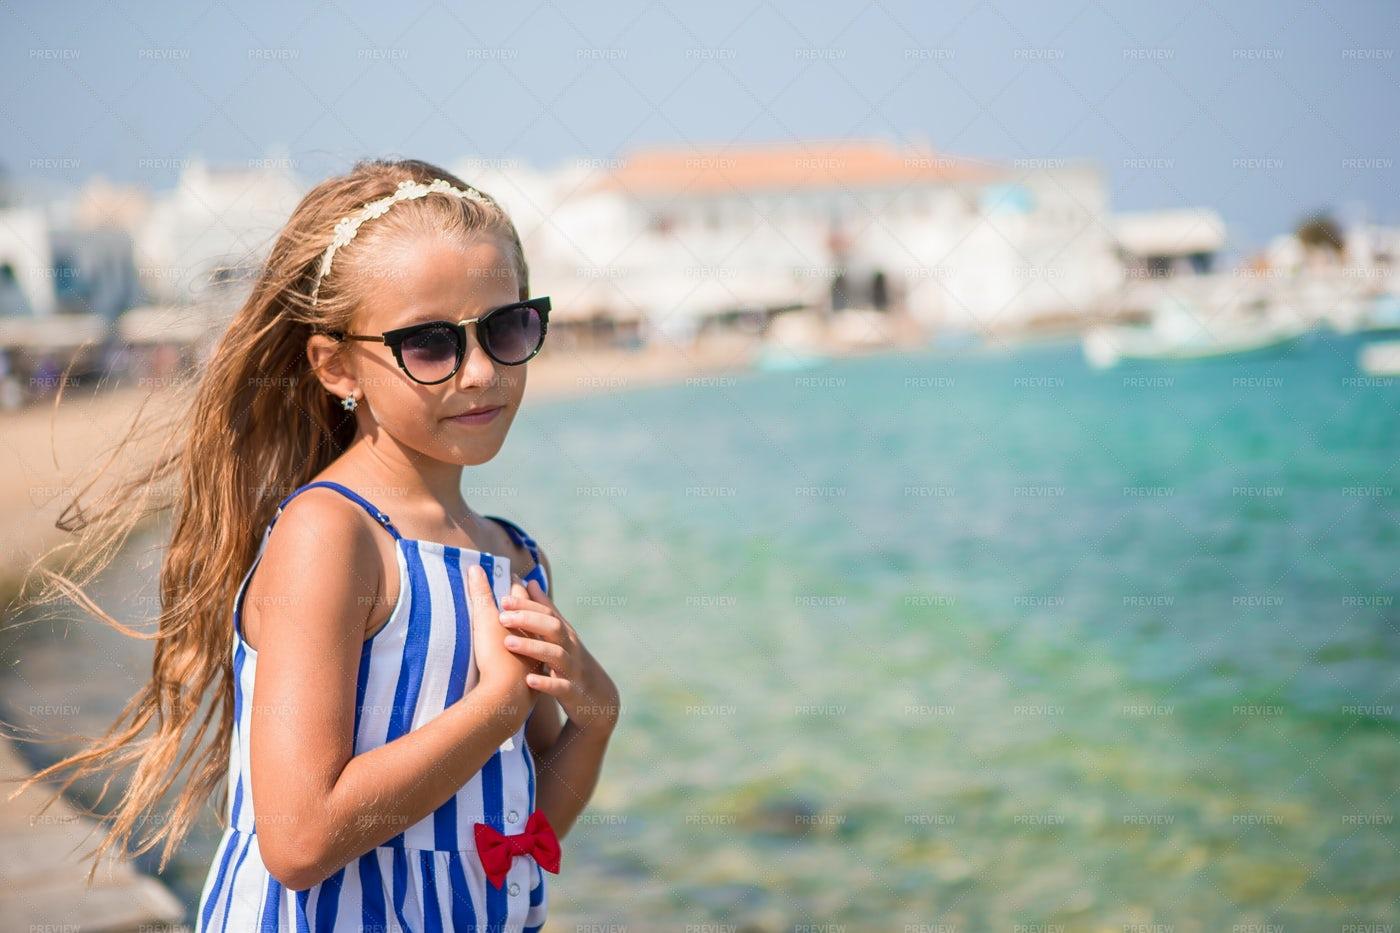 Girl Next To The Sea: Stock Photos